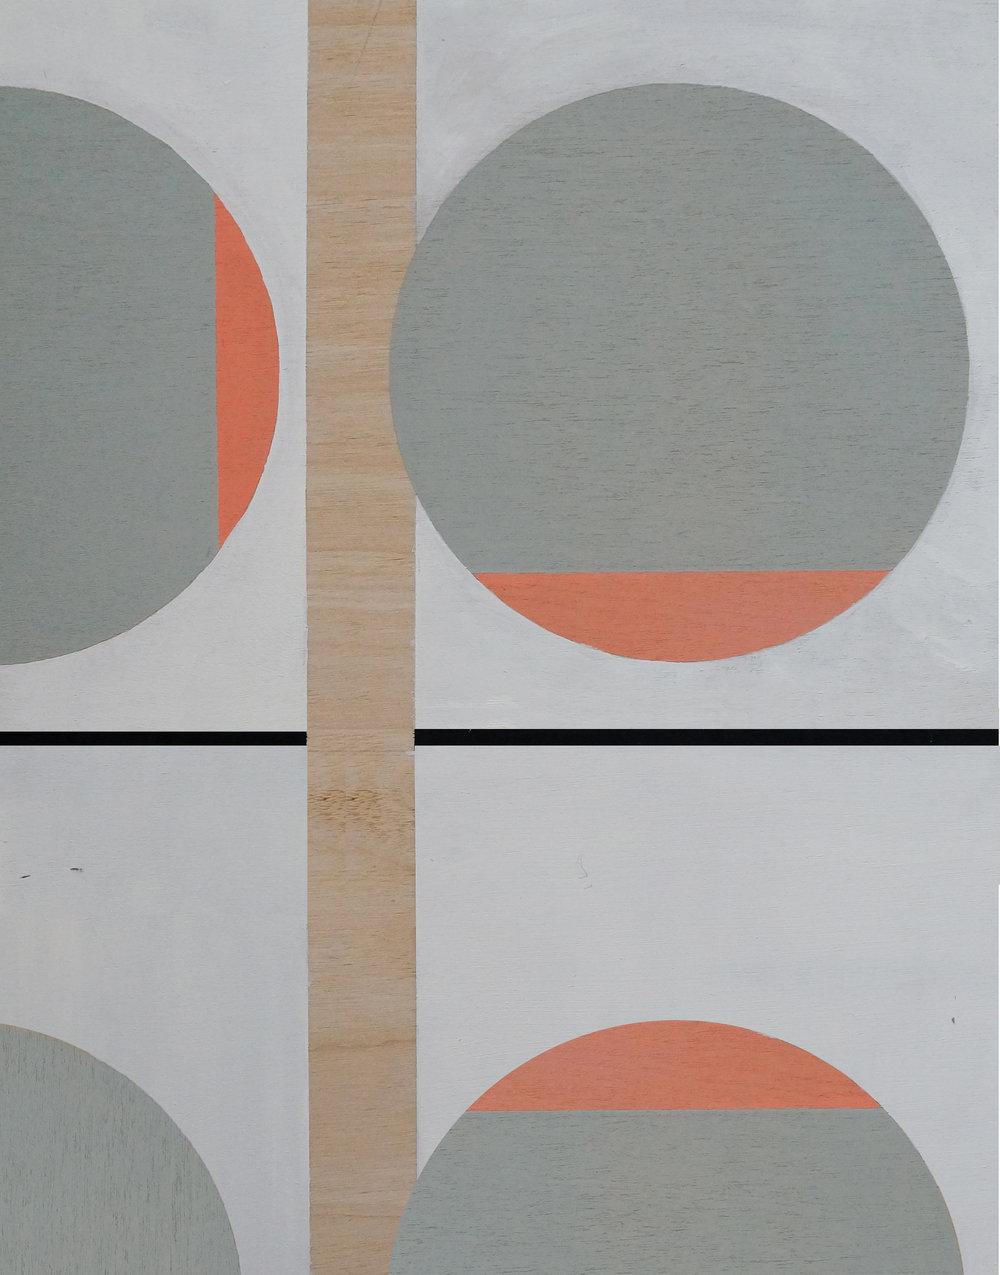 Jaclyn Mottola- _The Forest Again_ - 10 x 8_ - Acrylic on Wood Panel - 2018 - $150.jpg